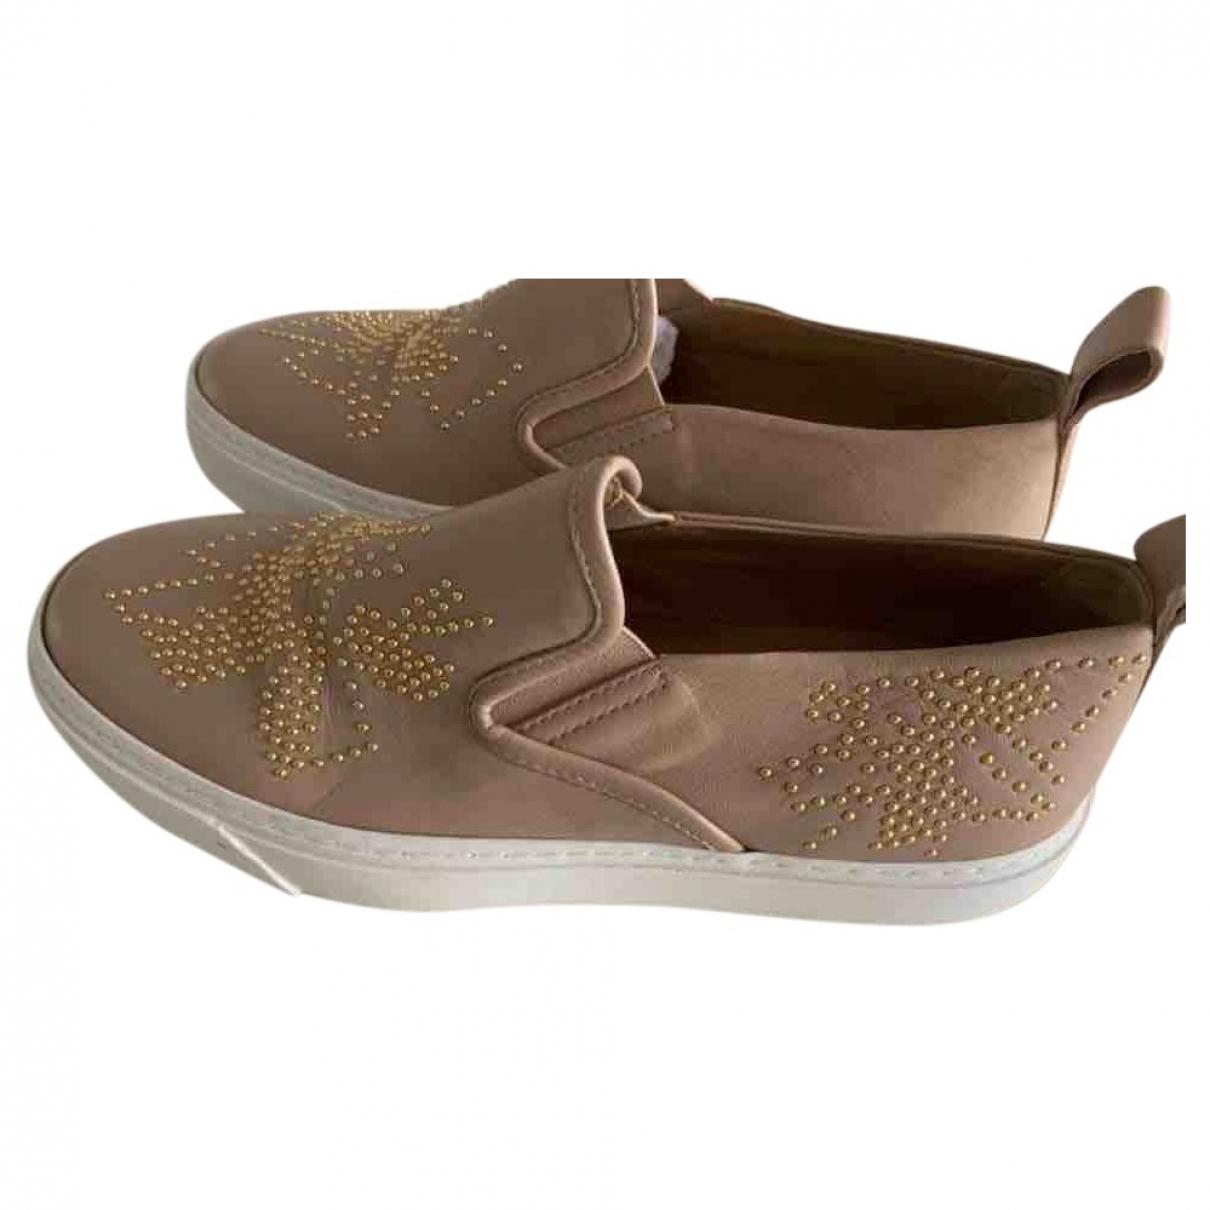 Chloe \N Sneakers in  Beige Leder